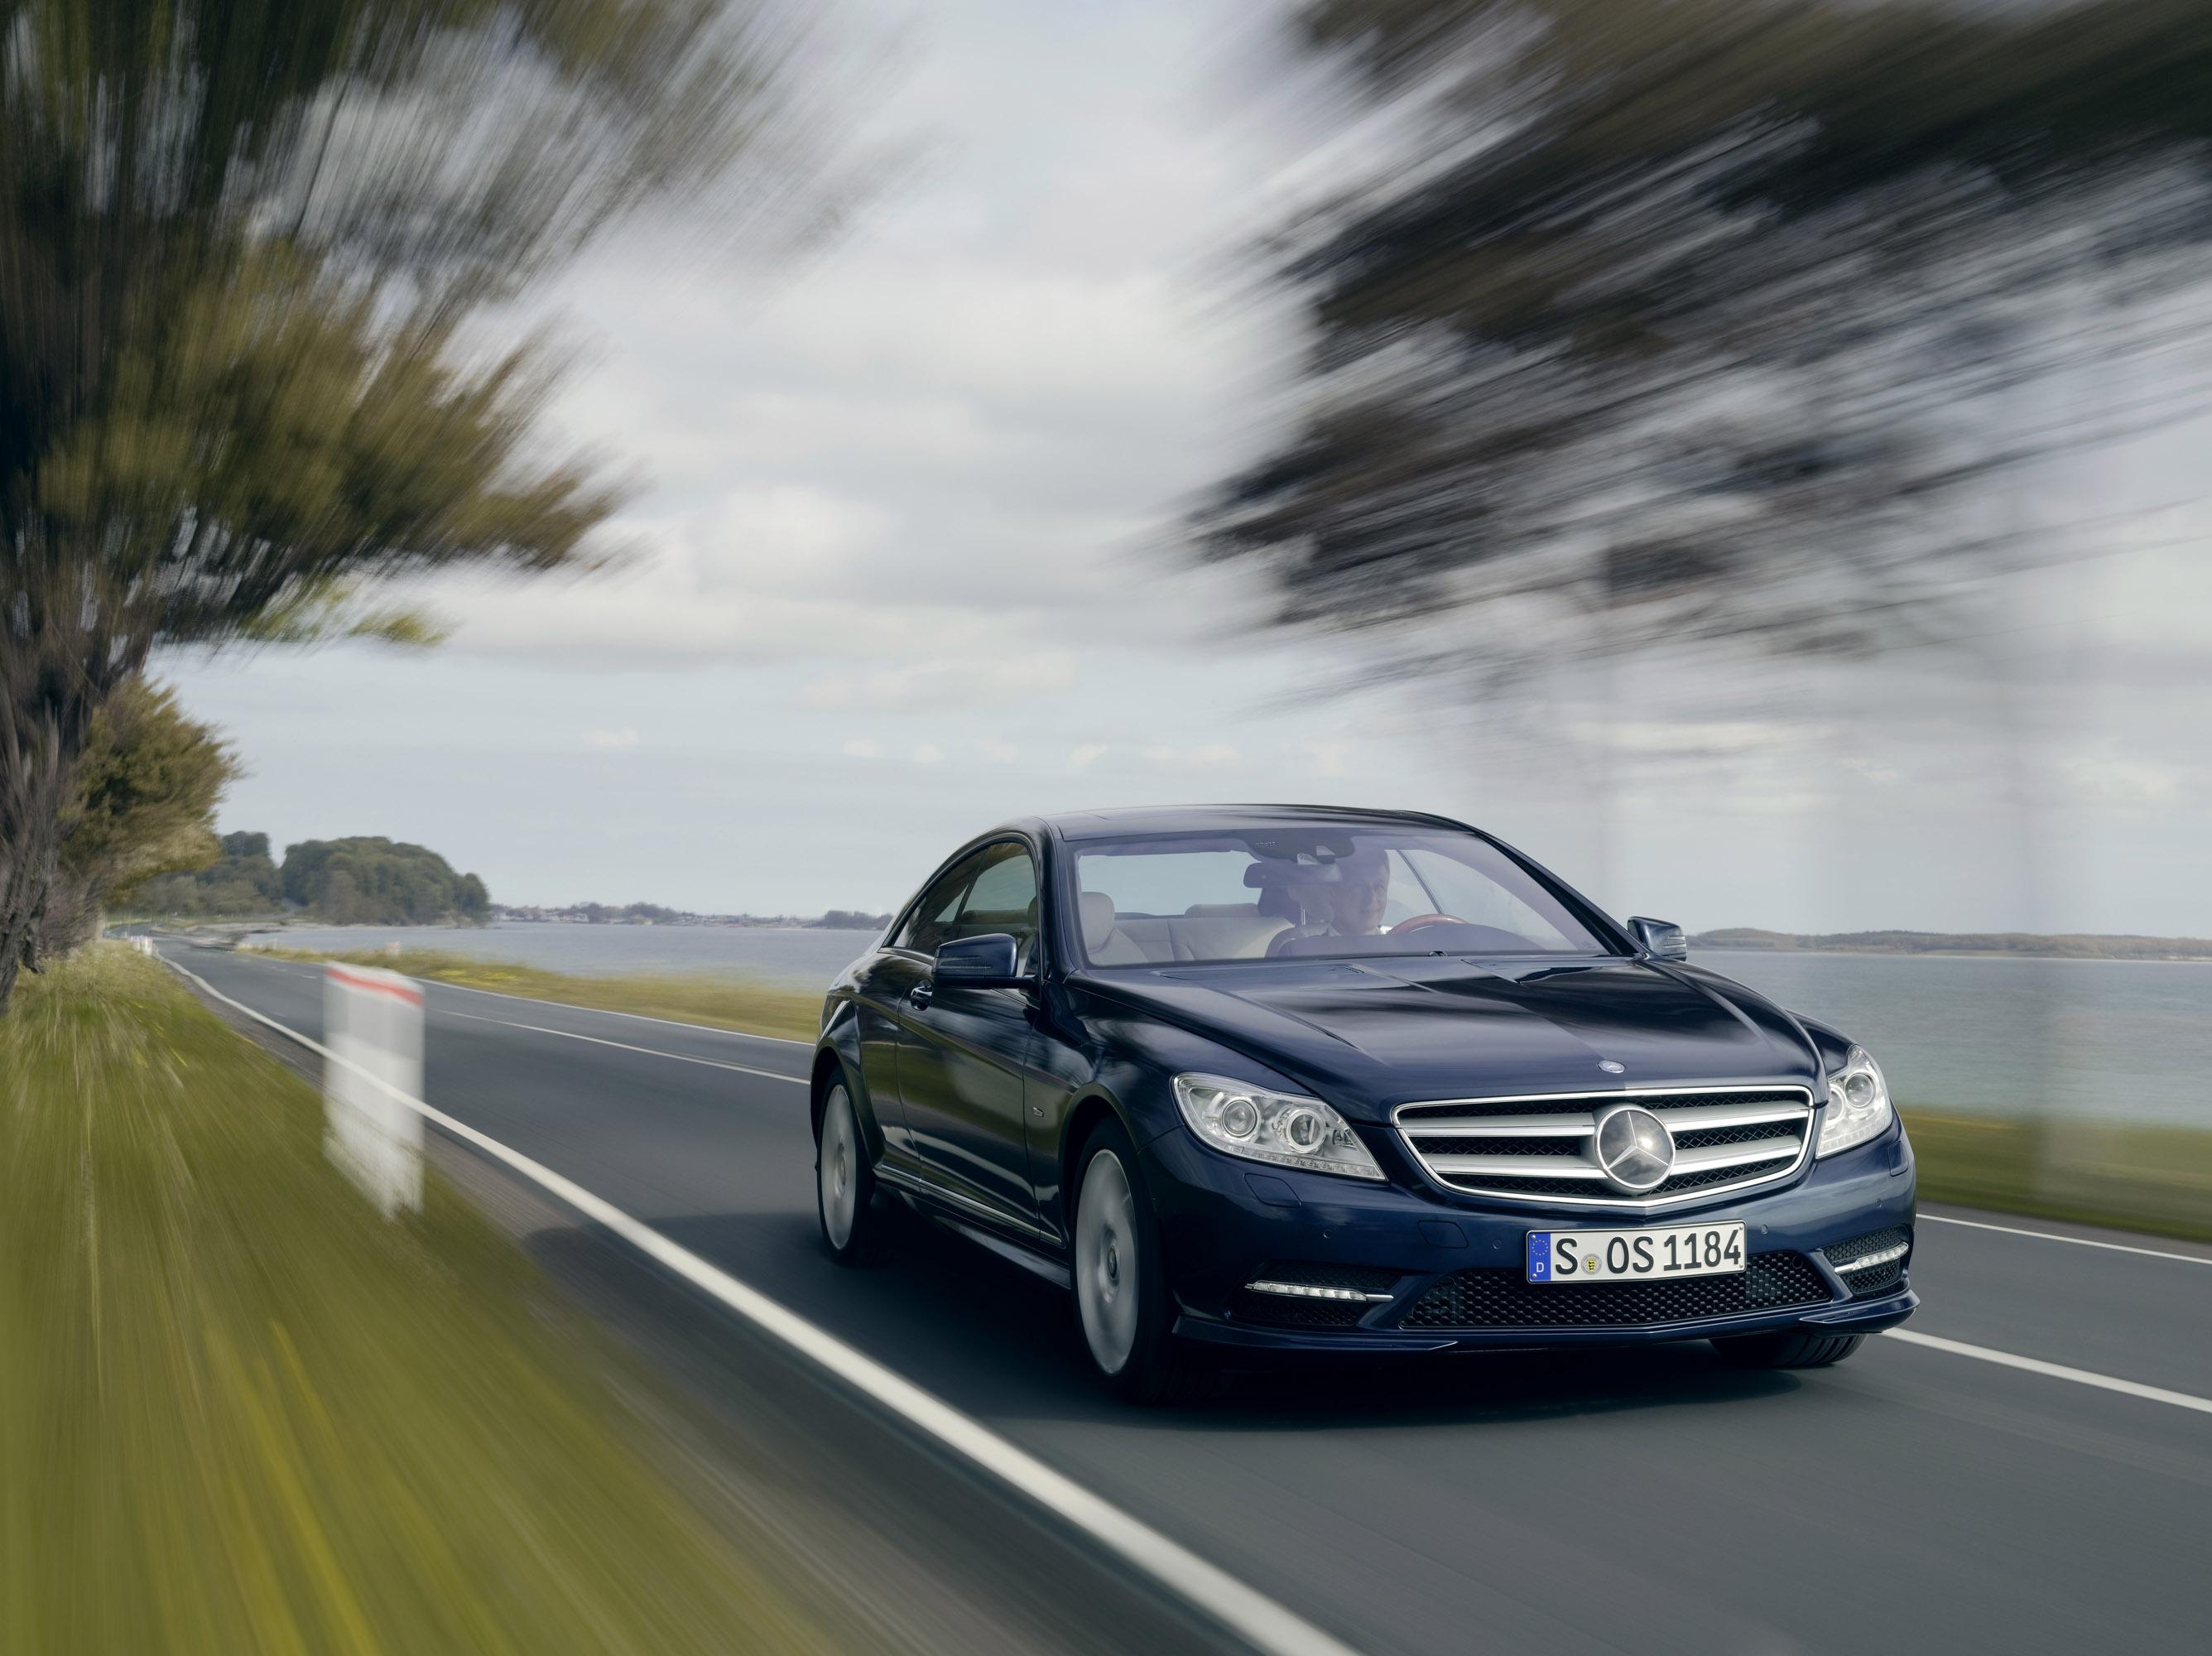 2011 Mercedes-Benz CL-Class сочетает в себе новейшие технологии с повышенной комфортности - фотография №20